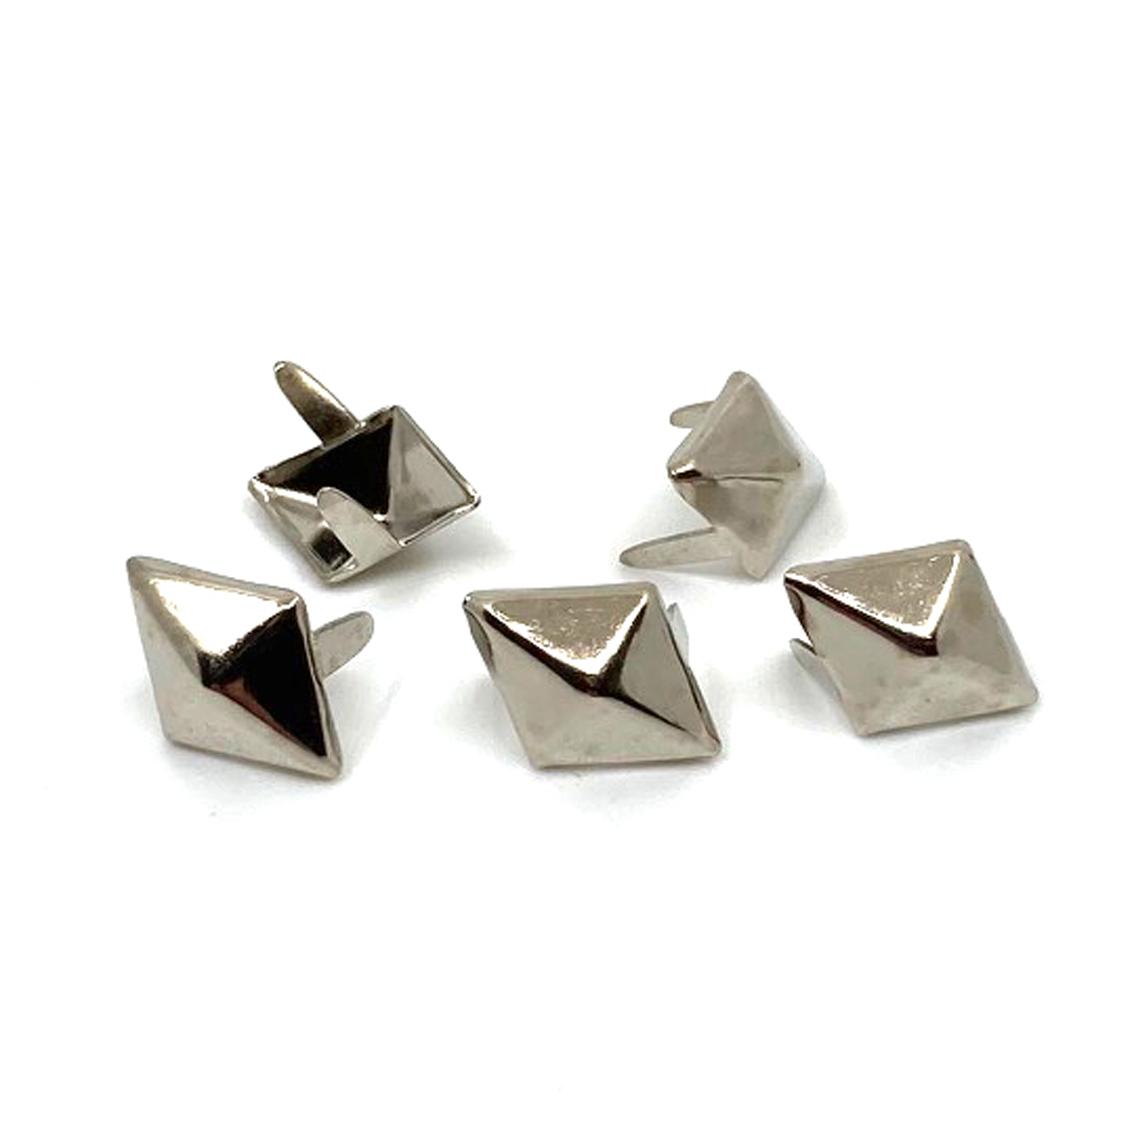 16mmダイアモンド・ピラミッド